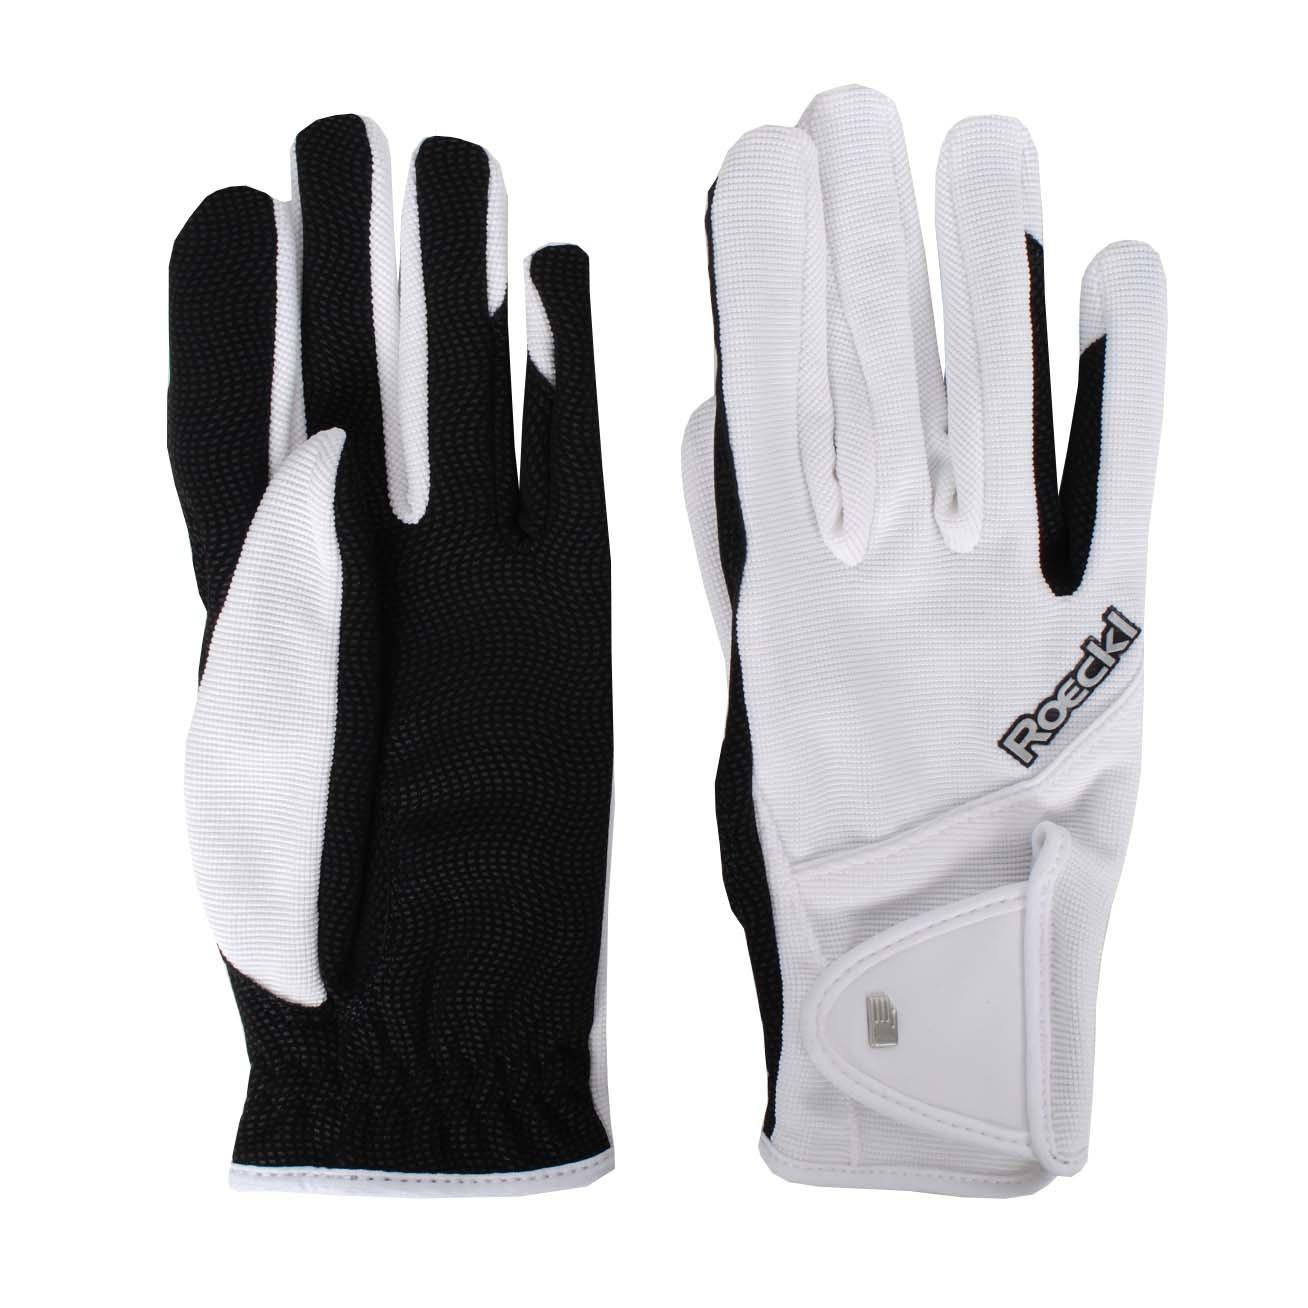 Roeckl Milano handschoenen wit maat:7,5